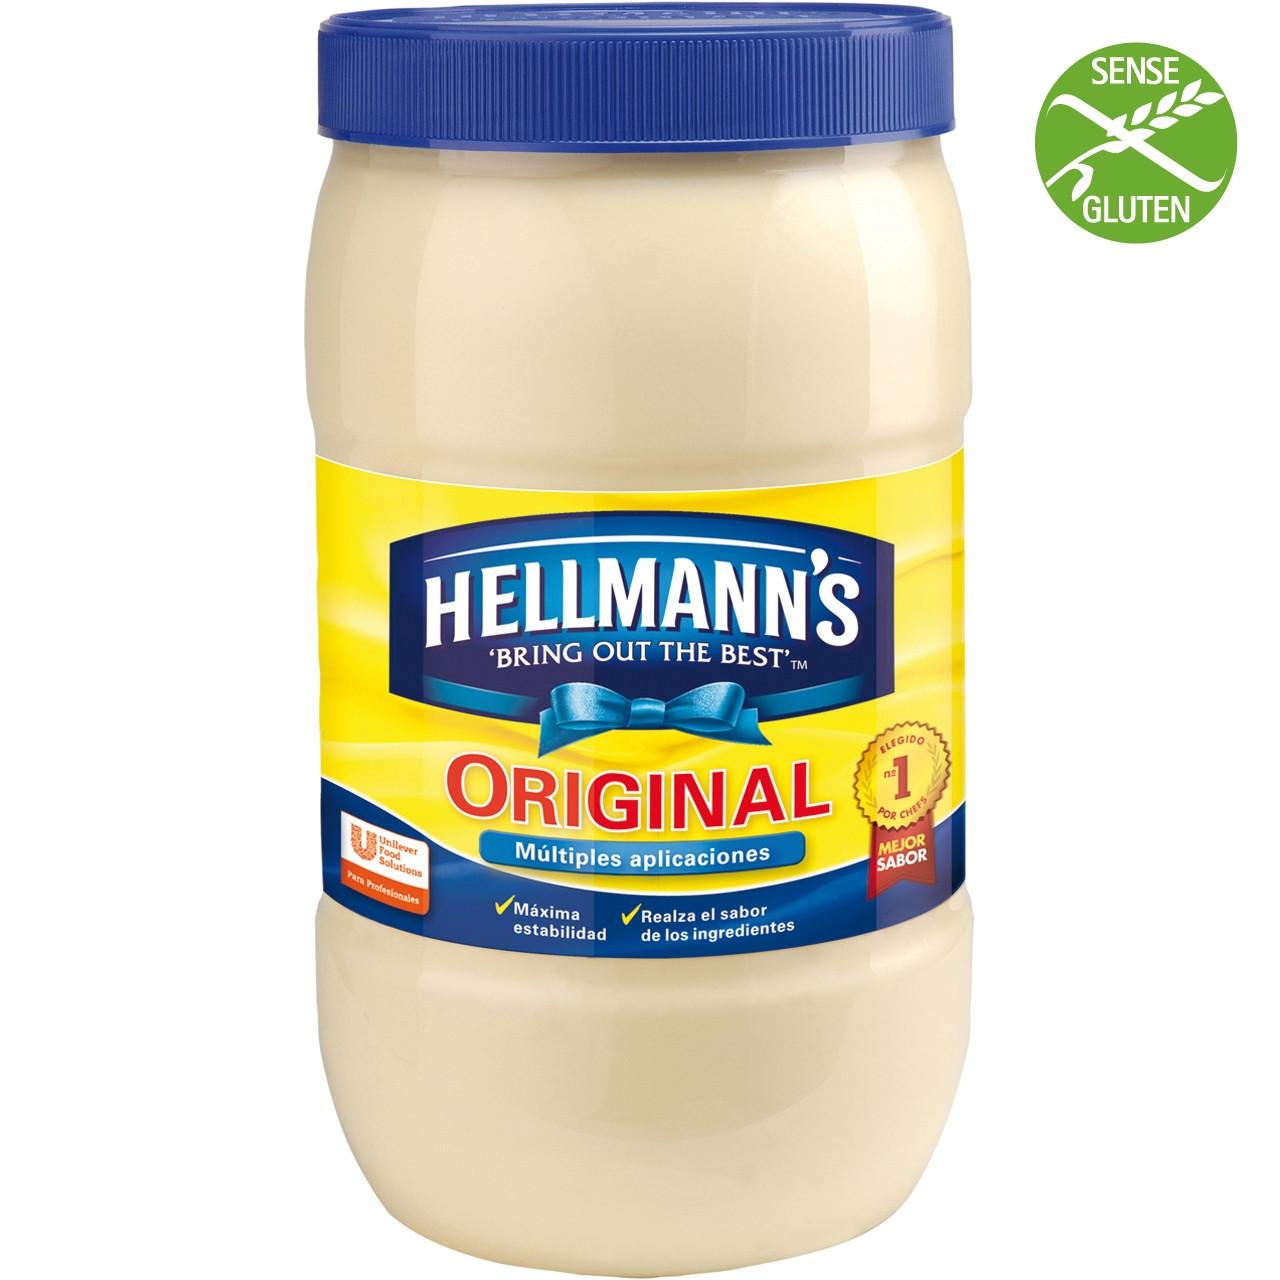 Maionesa Hellmann's pot